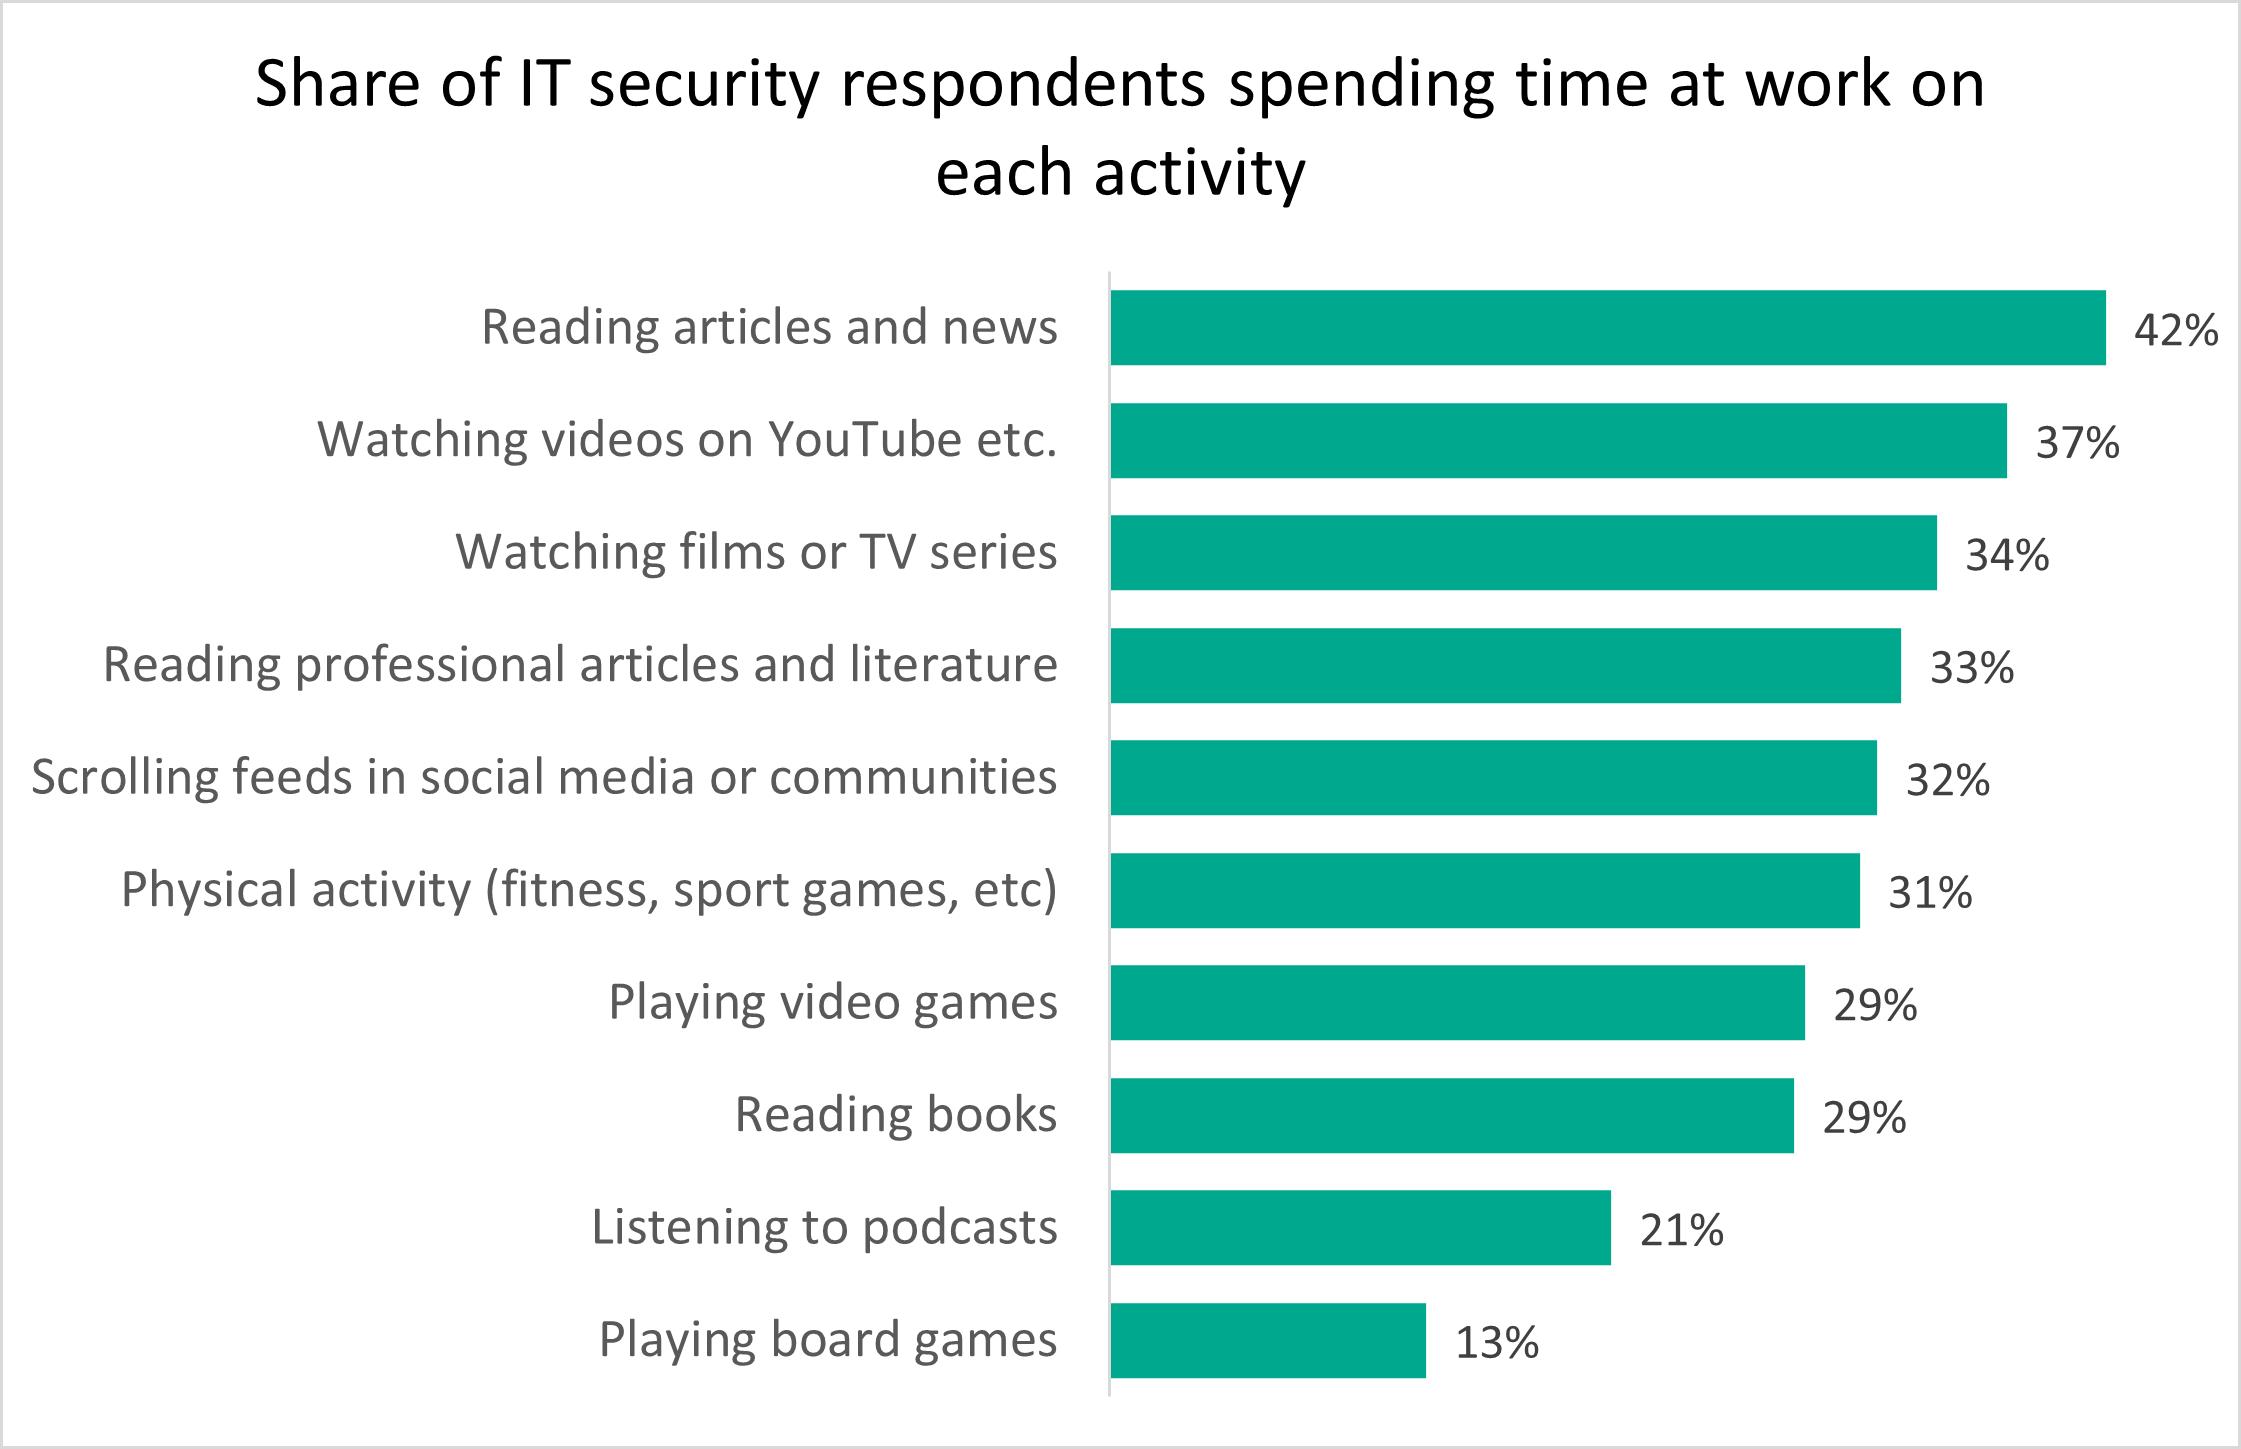 Angajații din domeniul securității IT petrec 6h săptămânal cu hobby-urile lor, în timpul programului de lucru